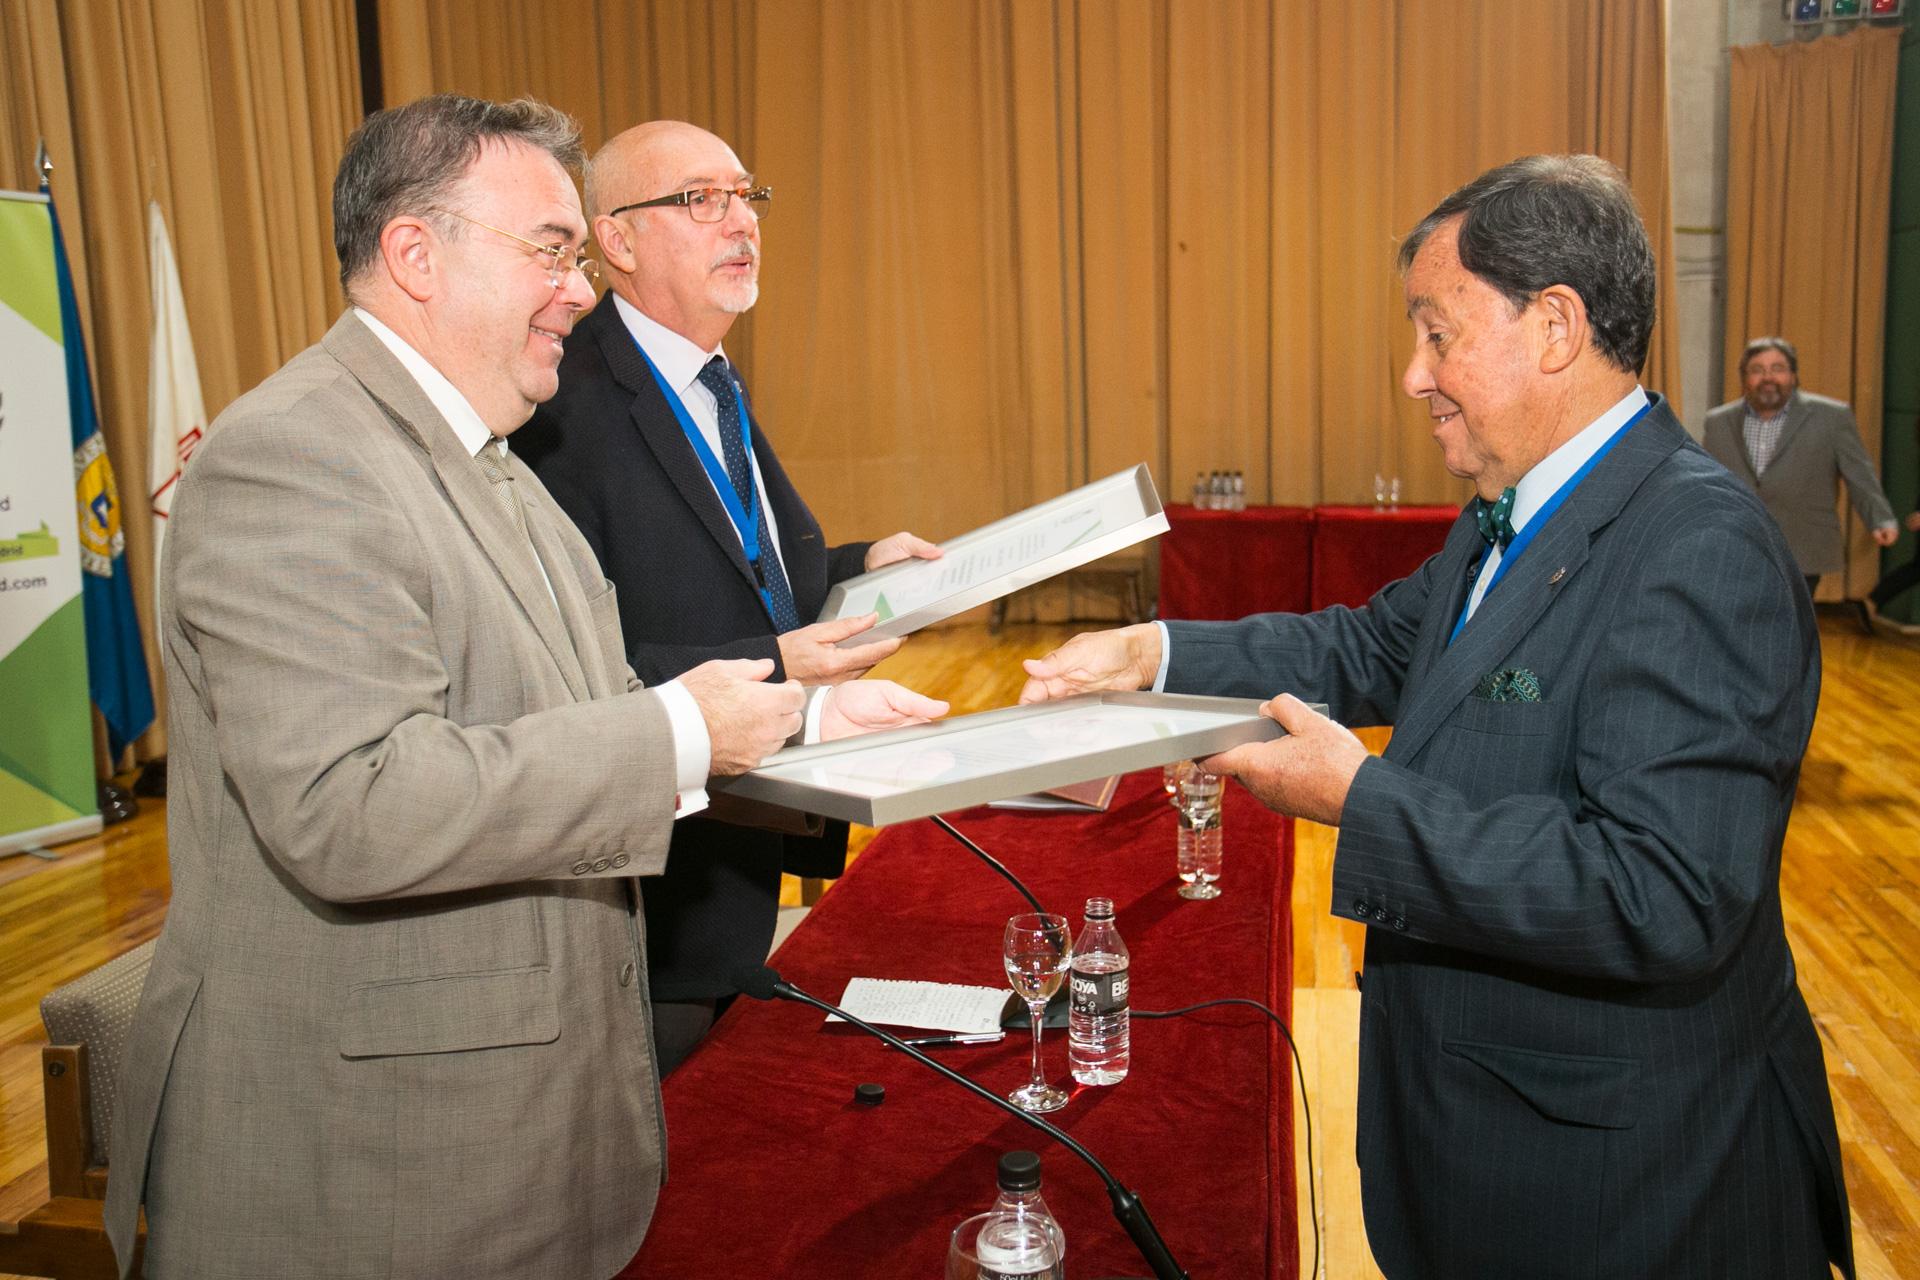 Entrega de diploma a D. Juan Ángel Gato, Presidente AEP.